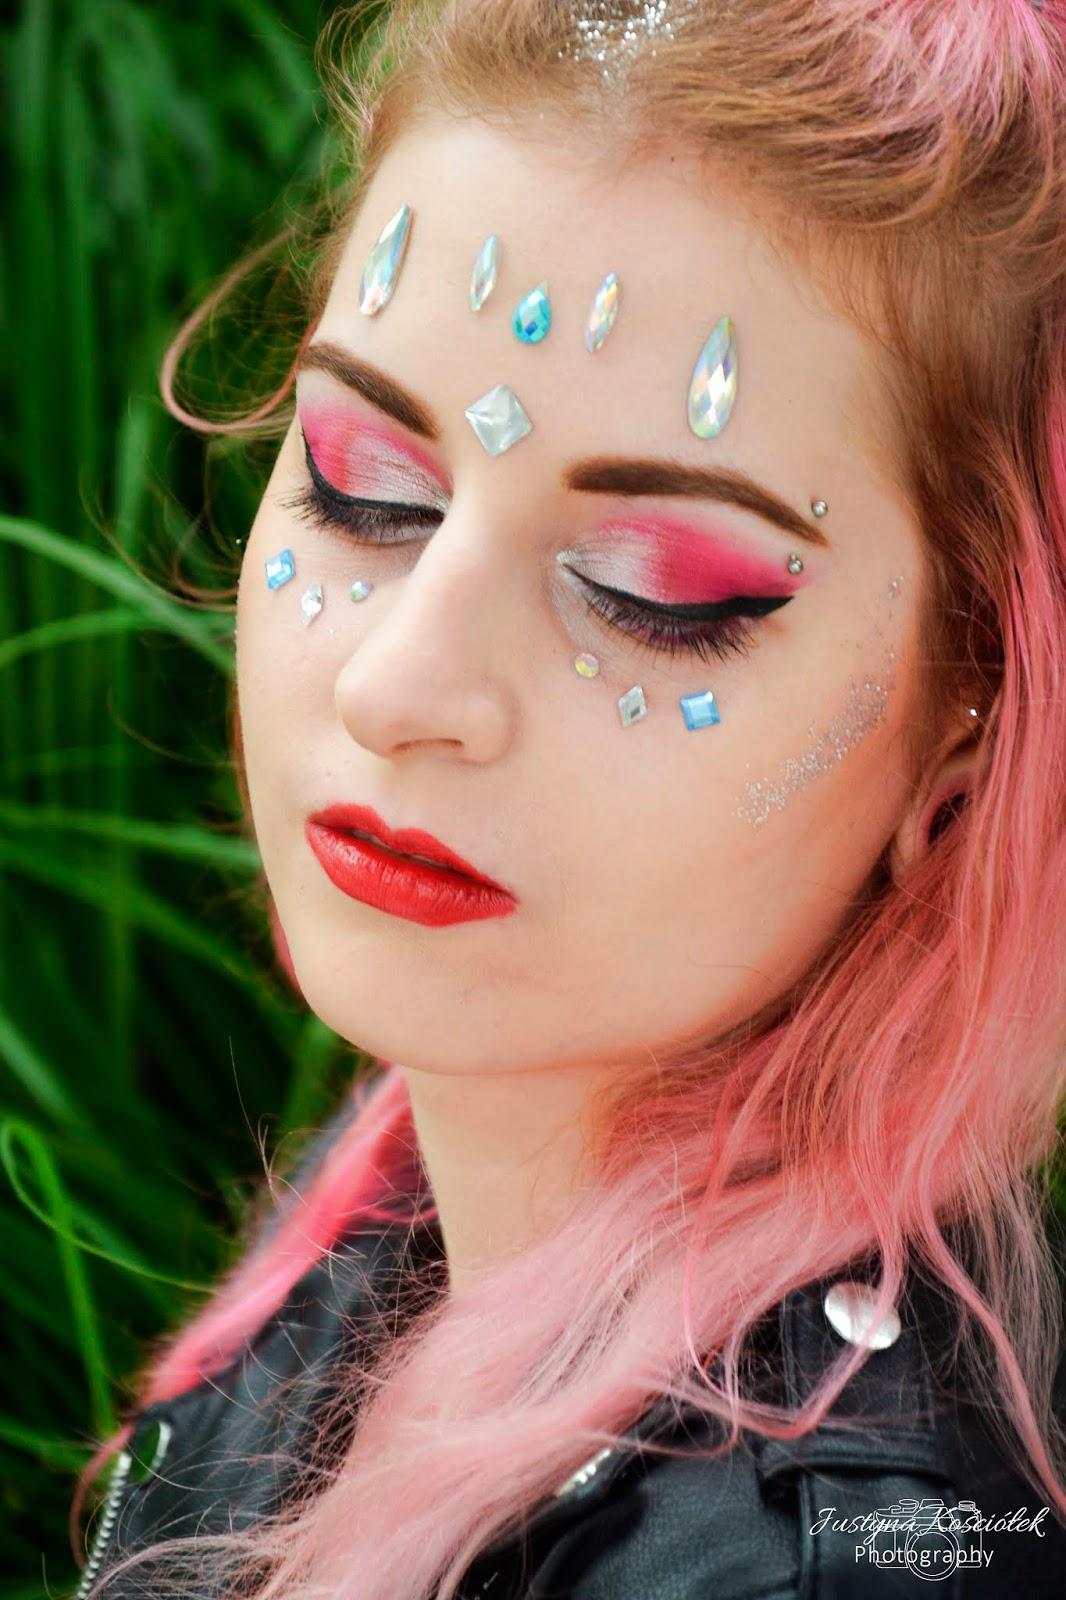 Festiwalowy makijaż i stylizacja! Festiwalowy makeup, festiwalowy look, zaful, puma, sinsay, różowe włosy, farba różowa, naklejki do twarzy, brokat, brokat we włosach, bralet, kombinezon, kombinezon zaful, trendy lato, lato 2018, trendy lato 2018